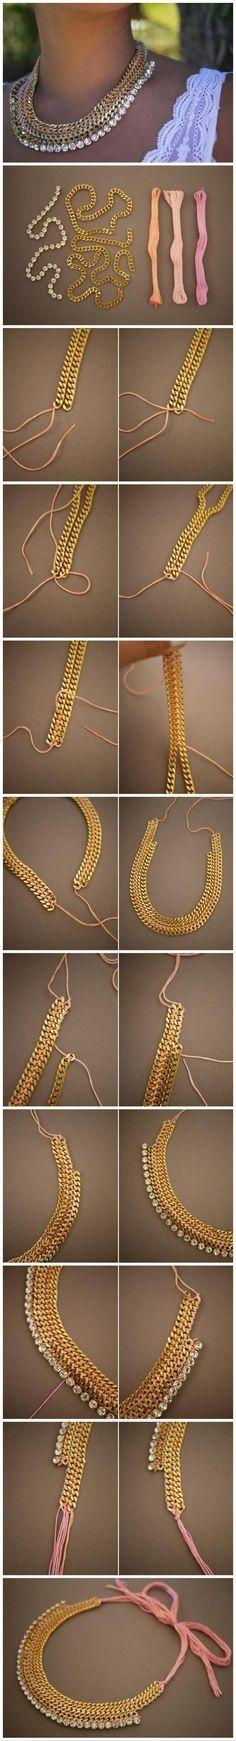 idées tops pour faire ses bijoux soi-même  Astuces de filles